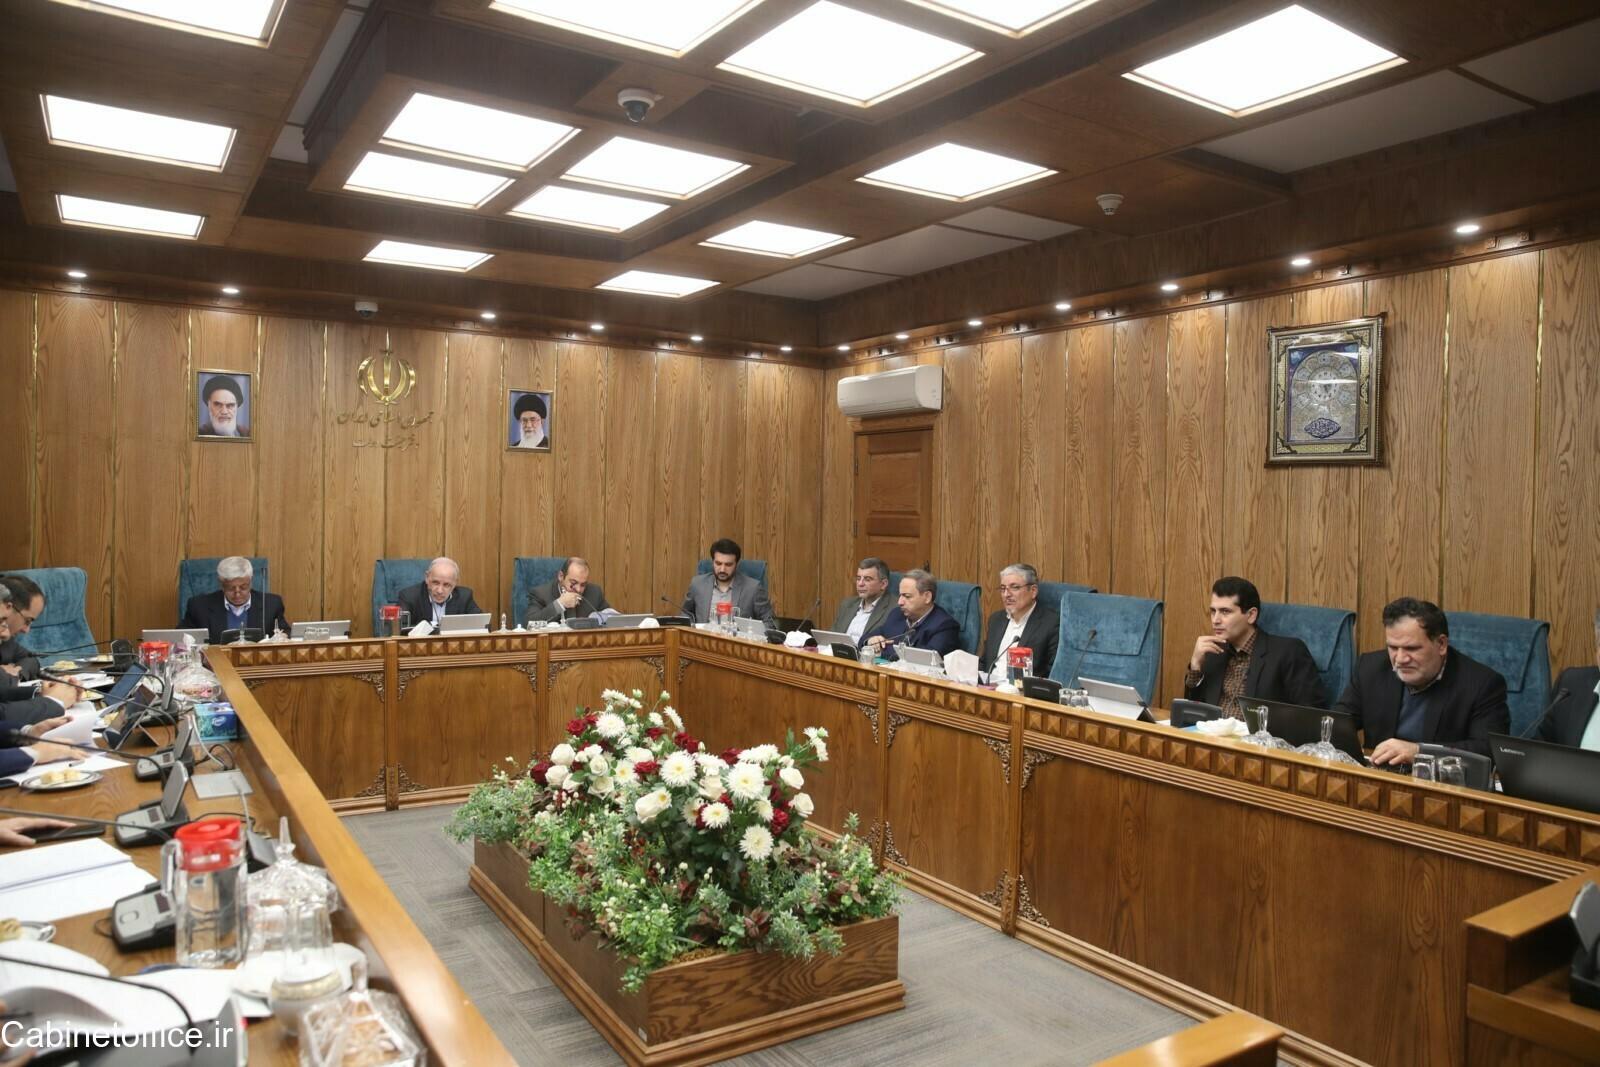 موافقت با اصلاح تصویب نامه به منظور بهرهمندی شرکتهای دولتی از فوق العاده ویژه موضوع قانون مدیریت خدمات کشوری